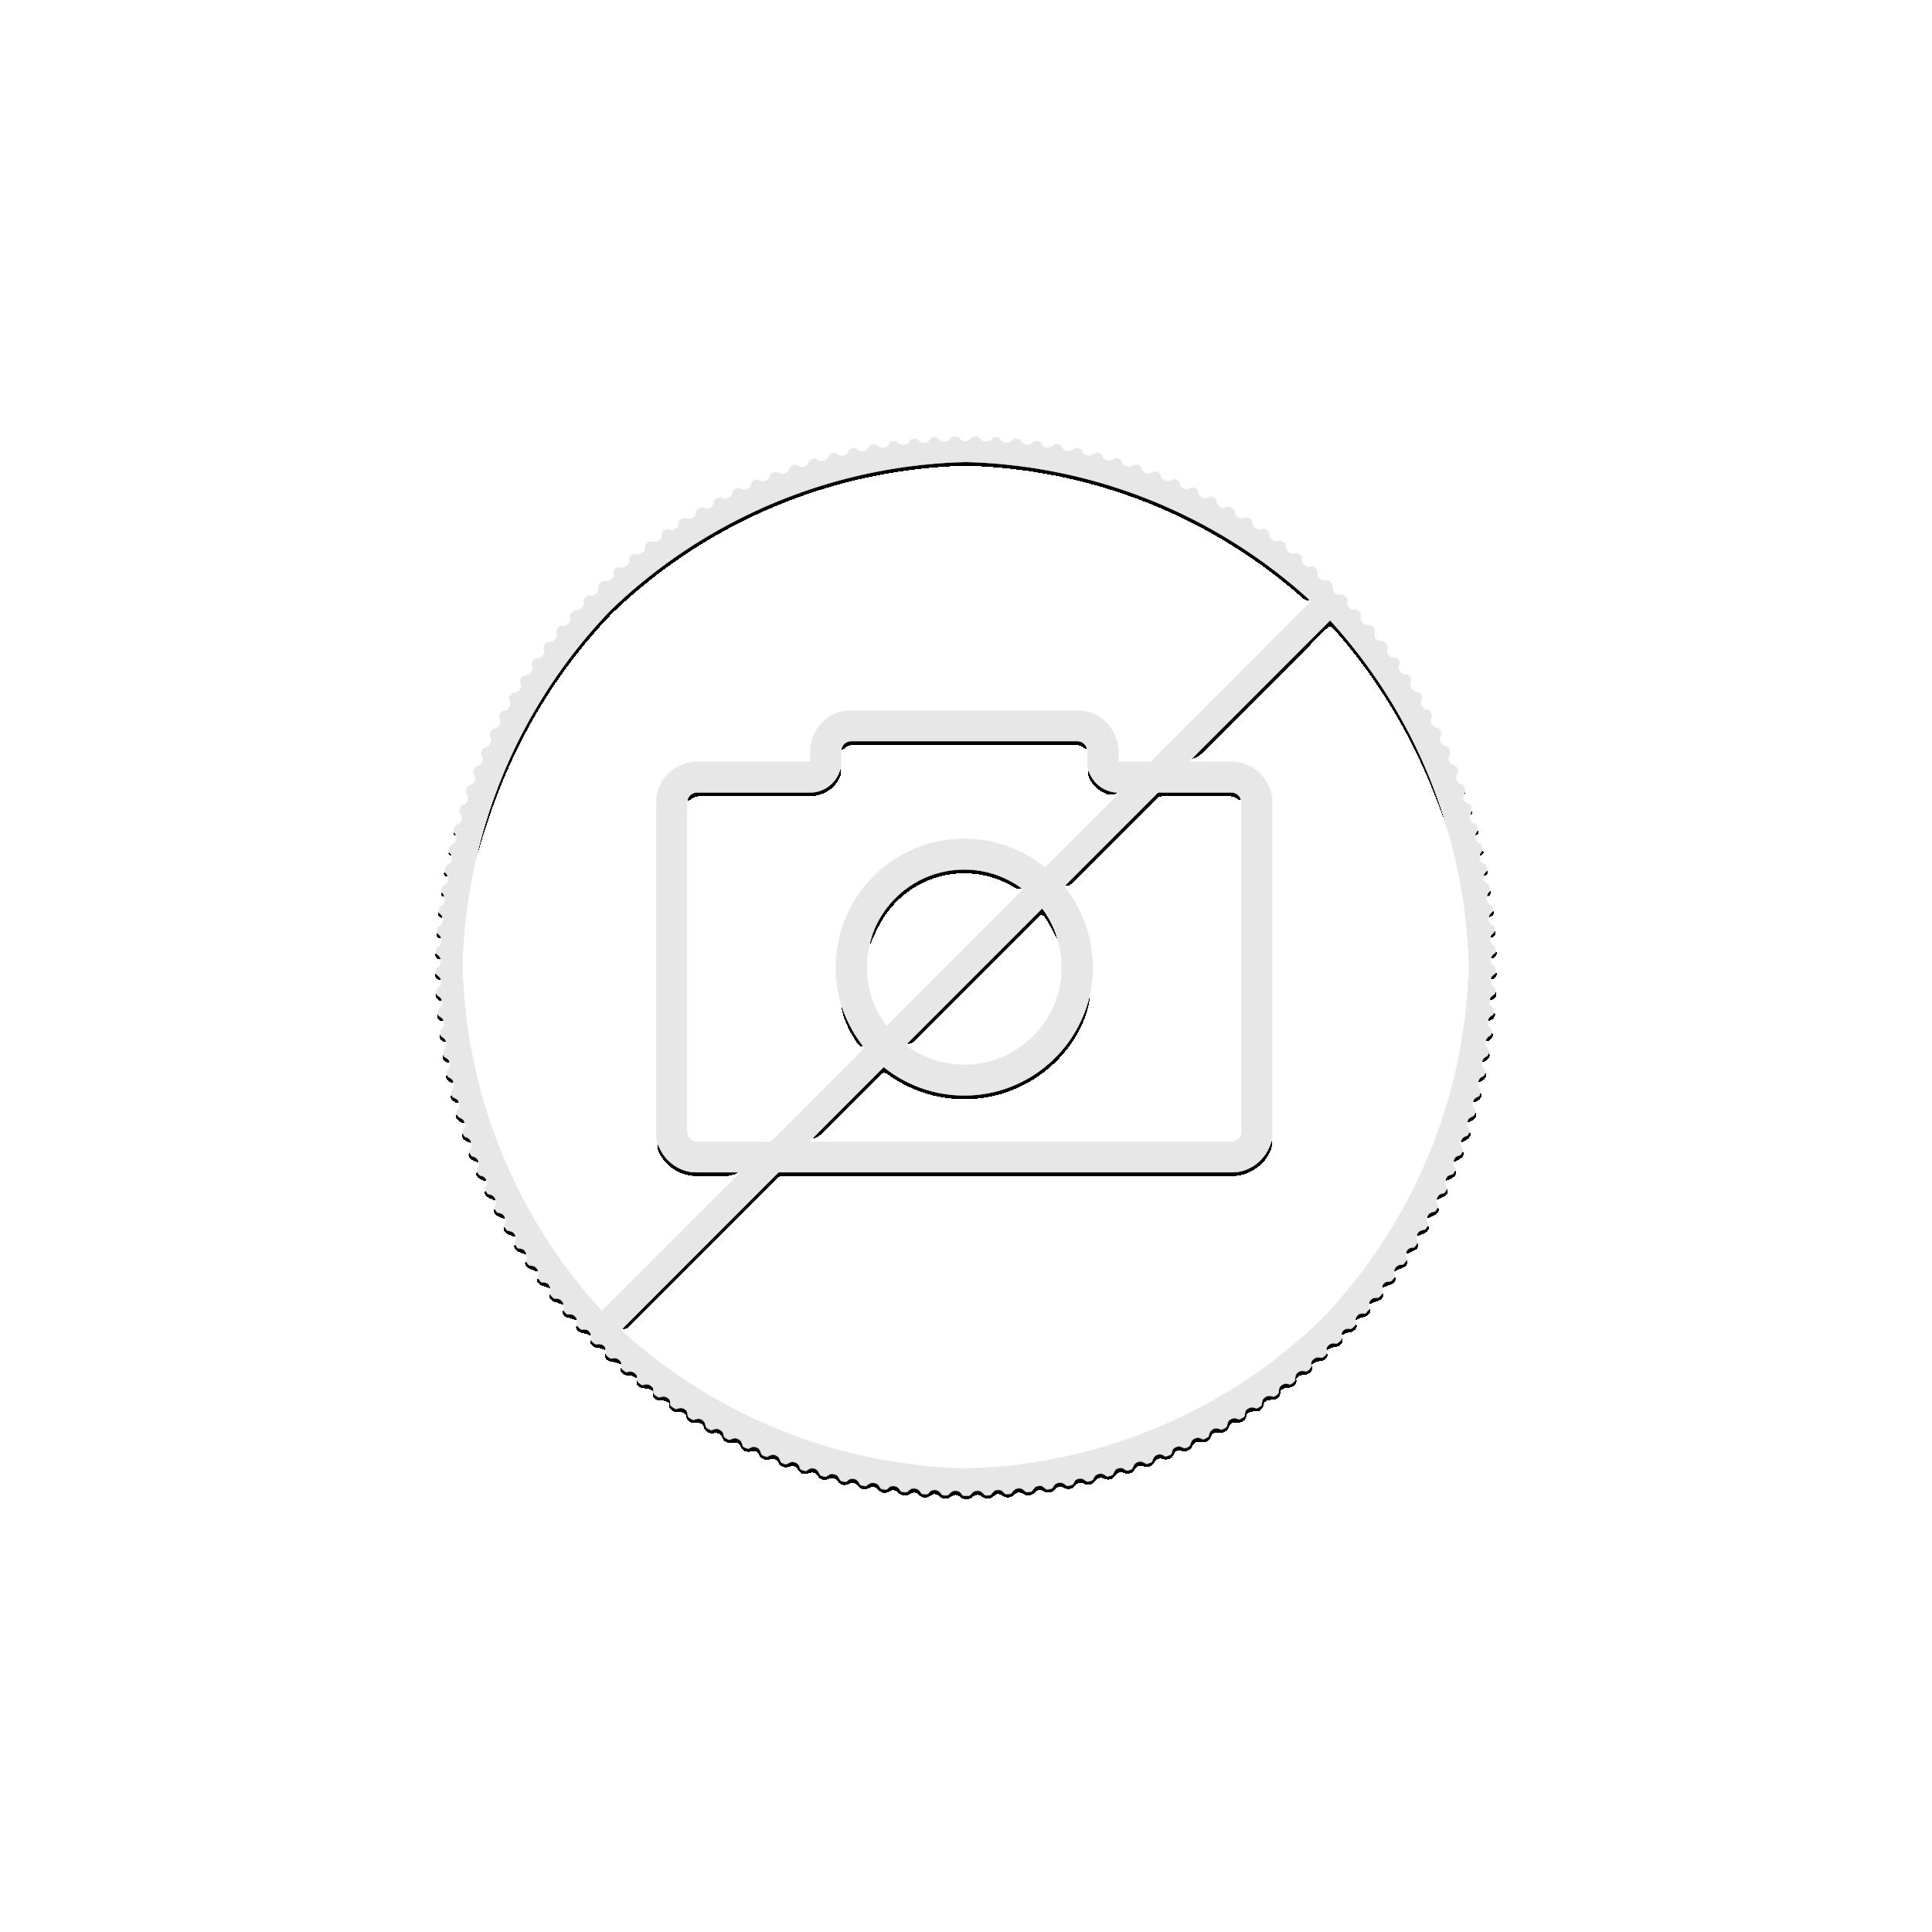 Panda 30 gram zilveren munt 2022